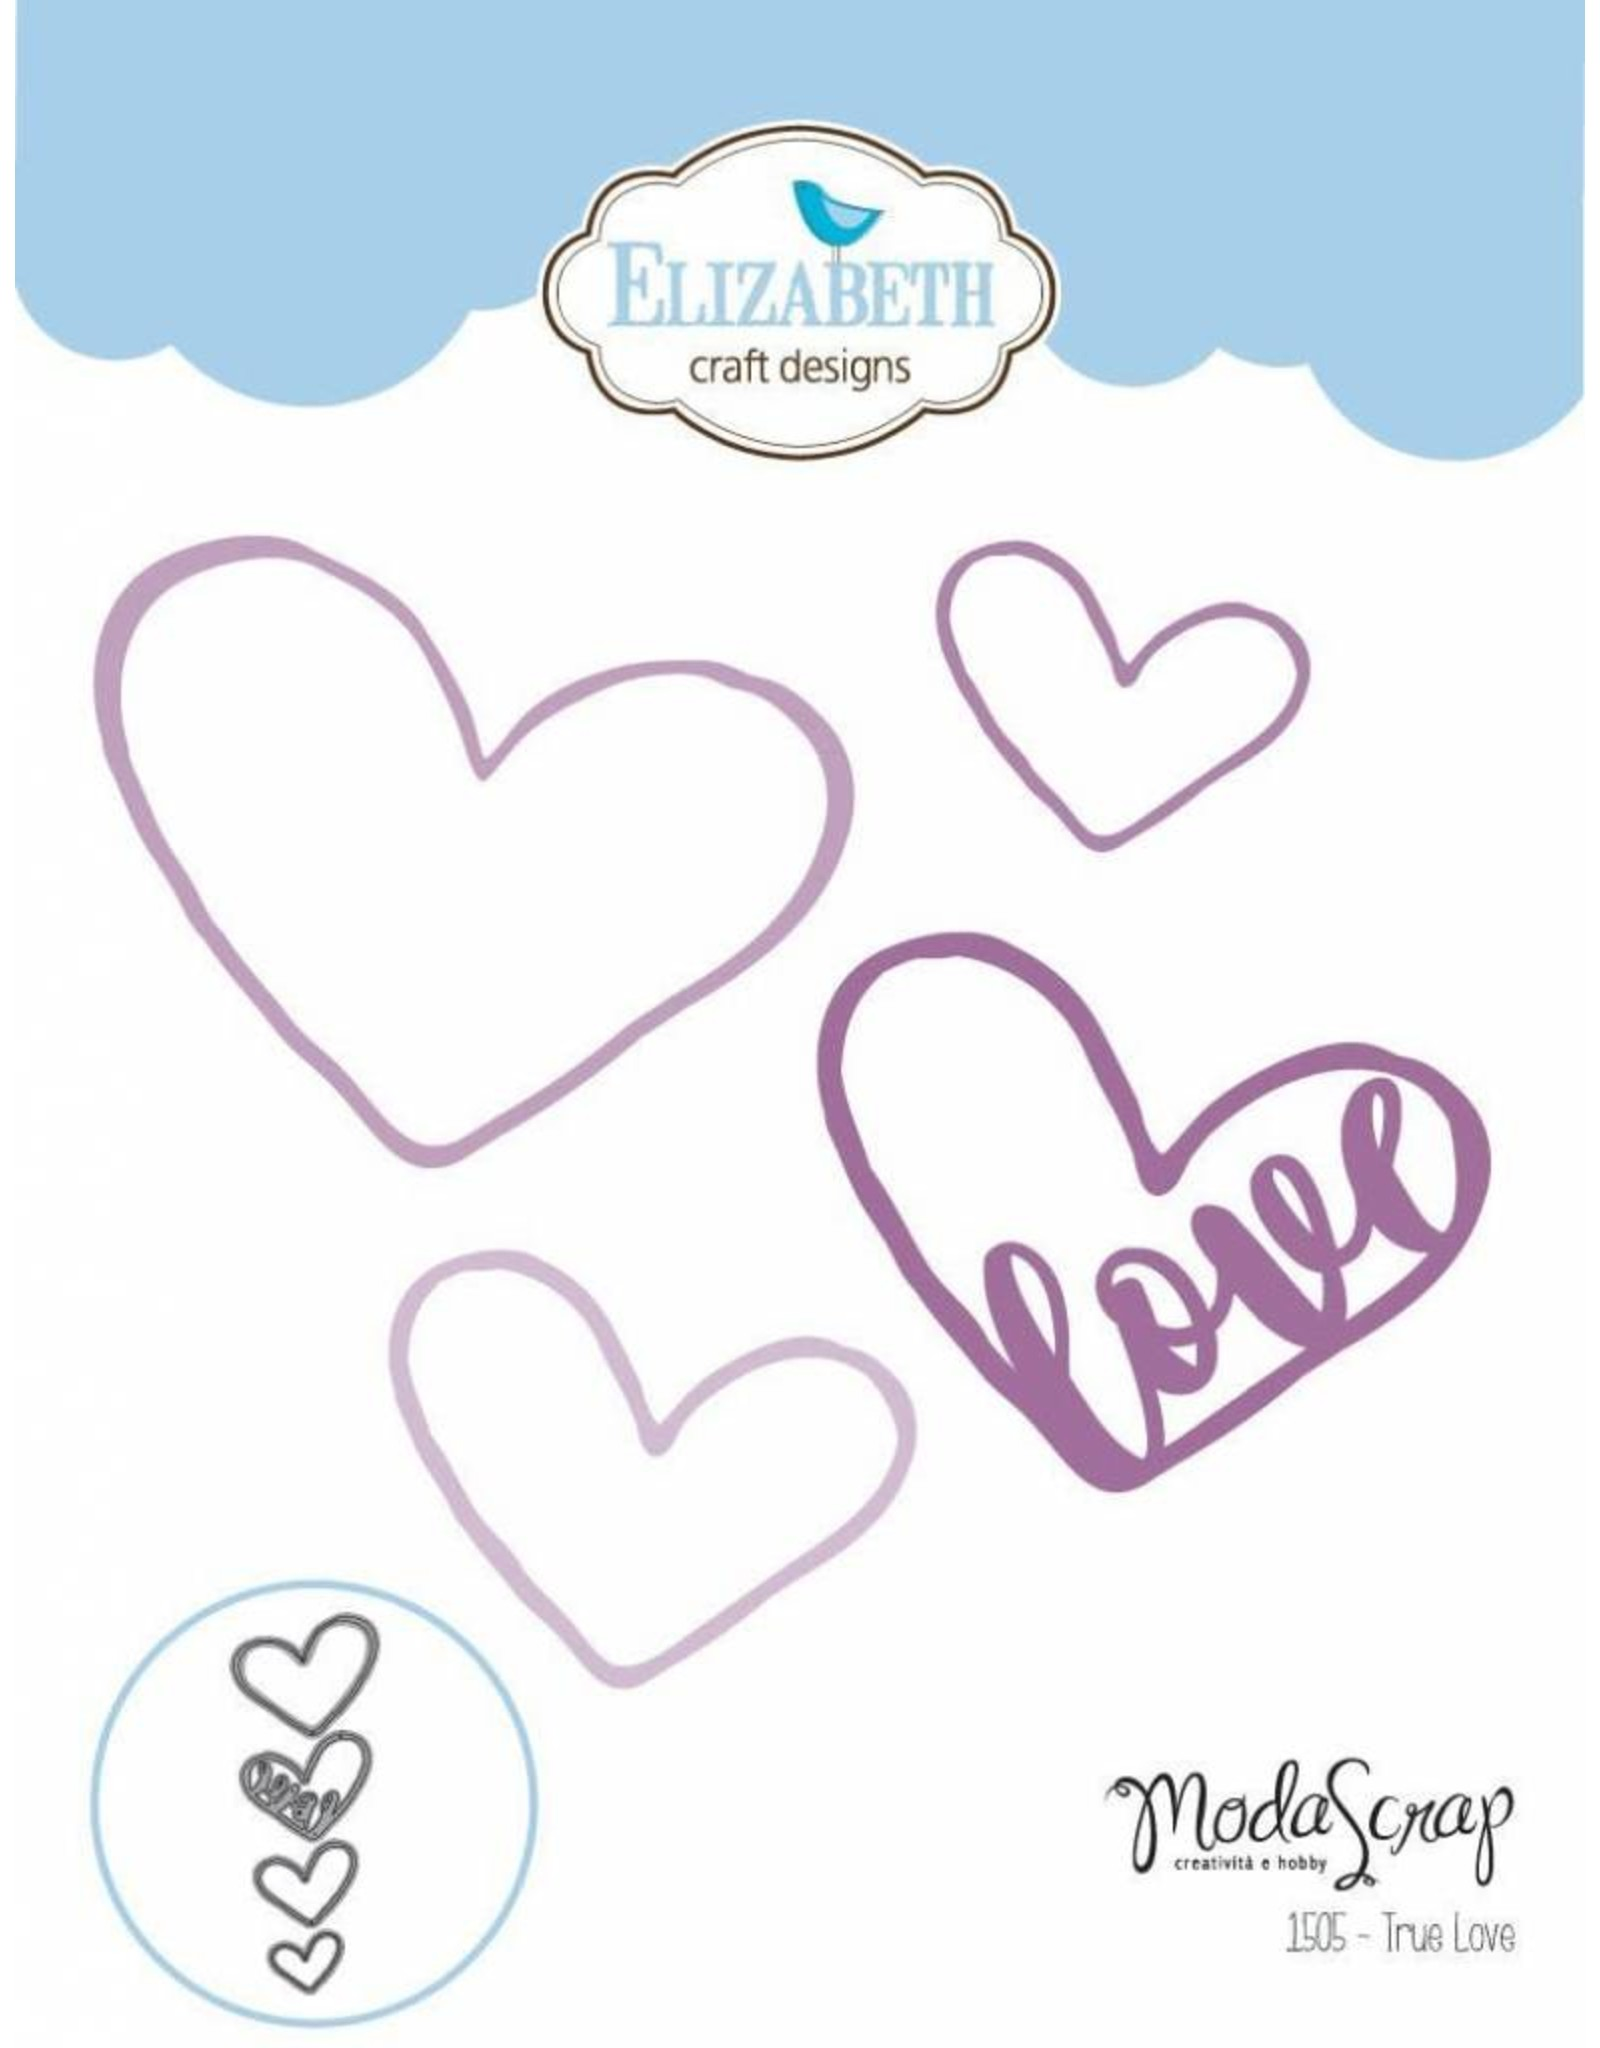 Elizabeth Craft Designs Elizabeth Craft Designs dies True Love 1505